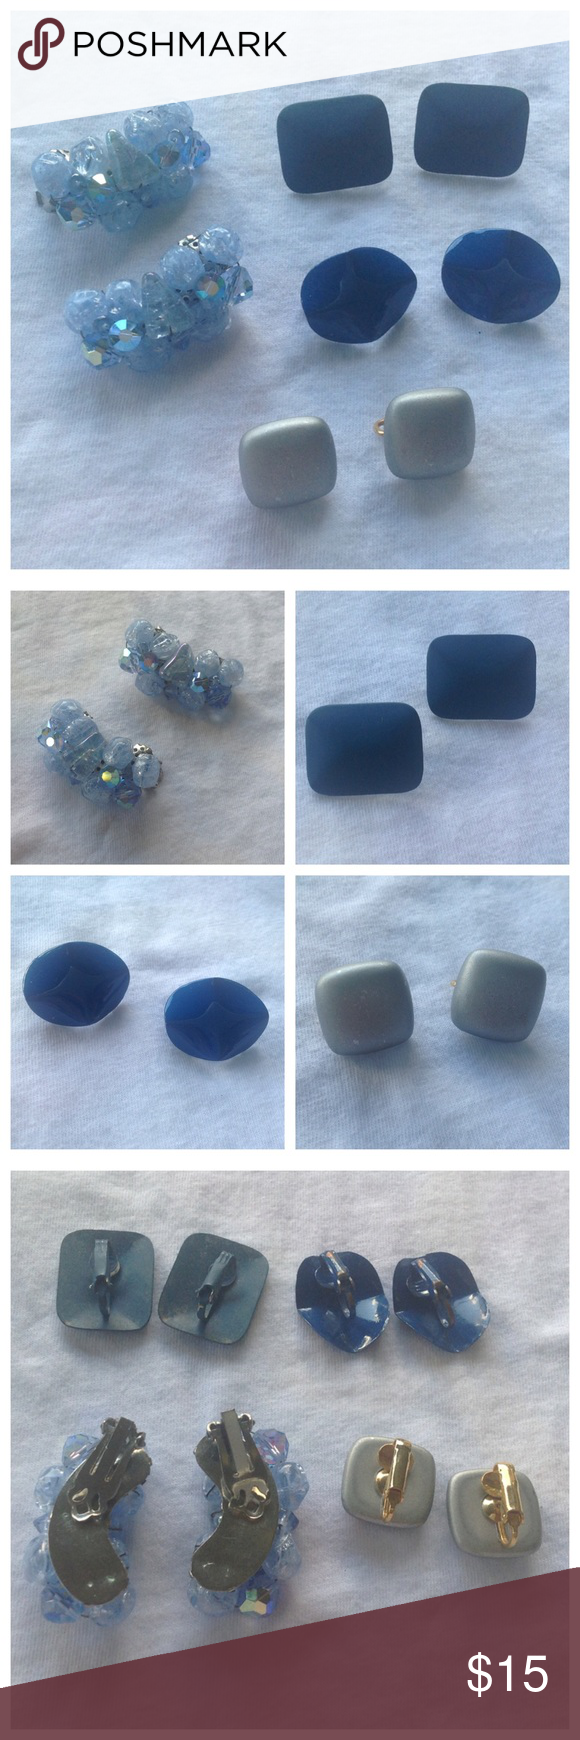 4 Pair Vintage Clip On Earrings 4 Pair vintage clip on earrings. Jewelry Earrings